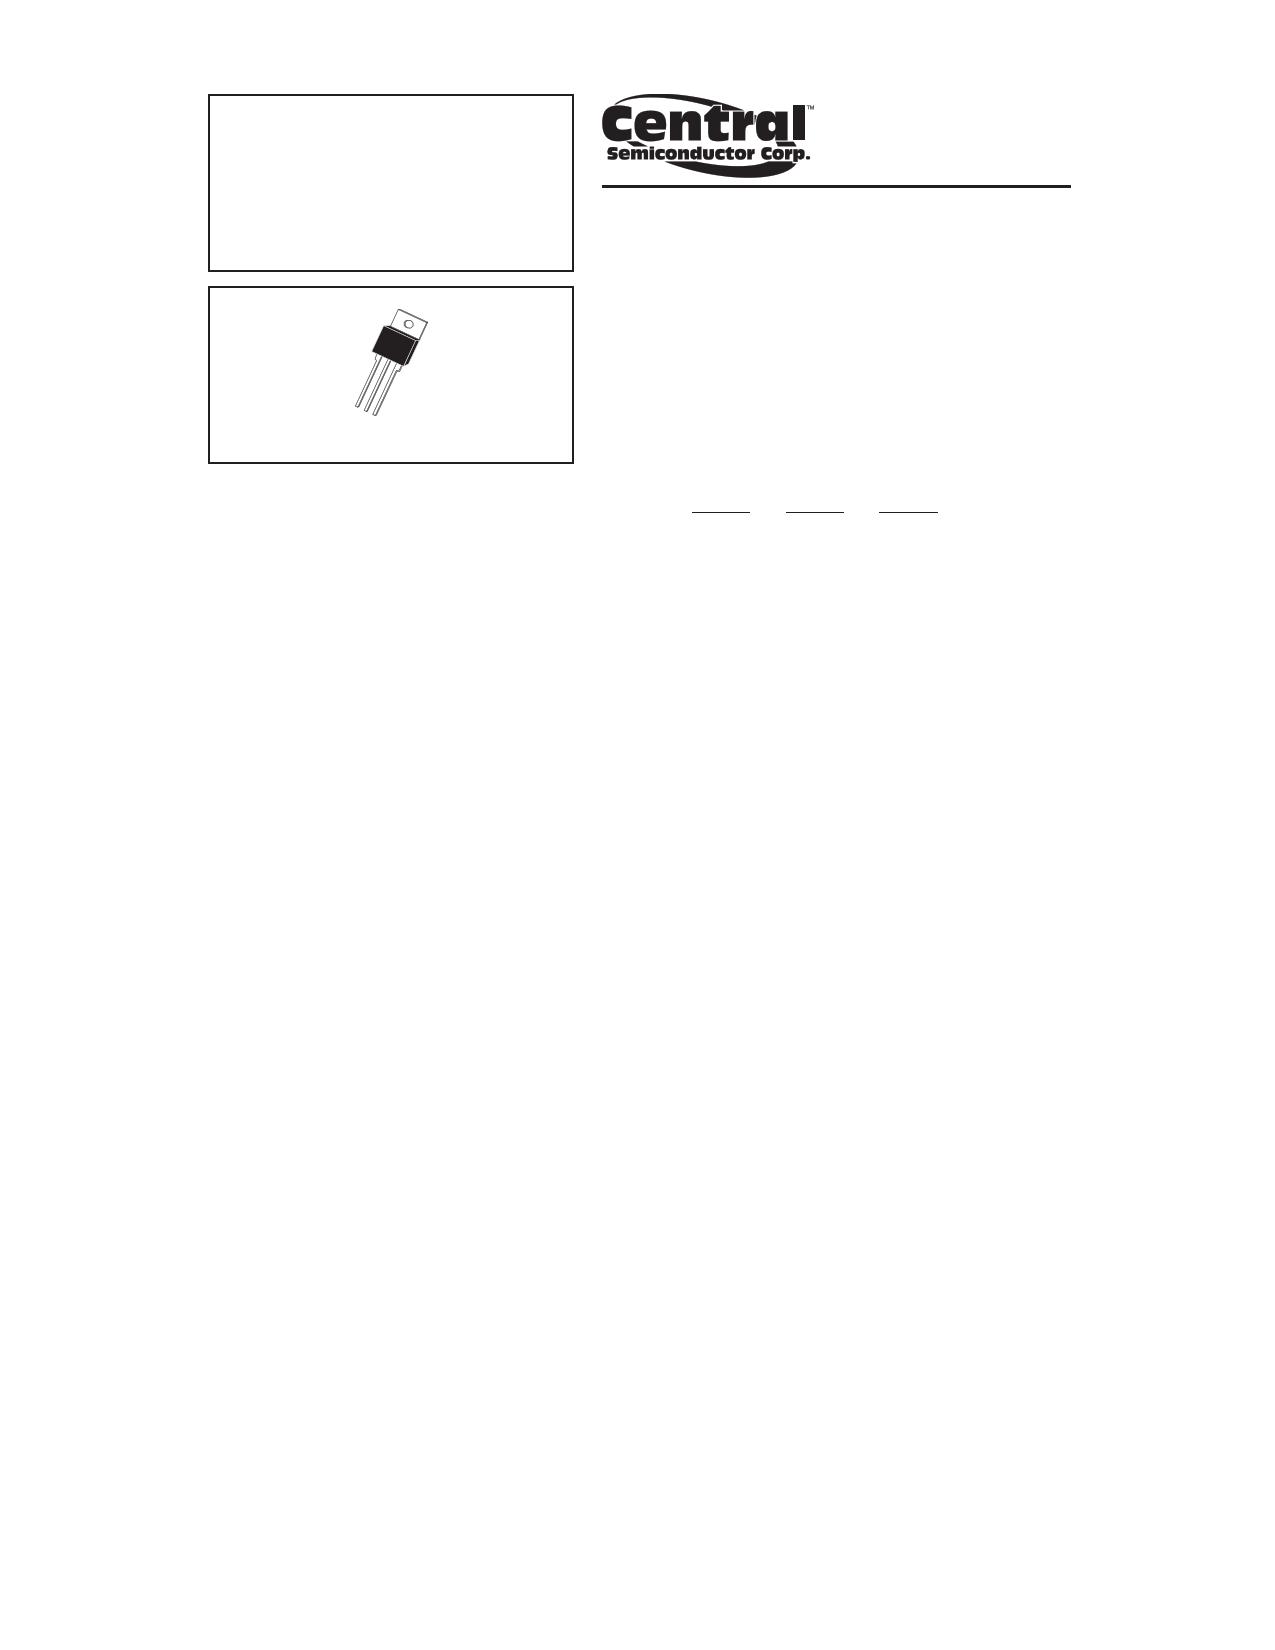 2N6045 Datasheet, 2N6045 PDF,ピン配置, 機能